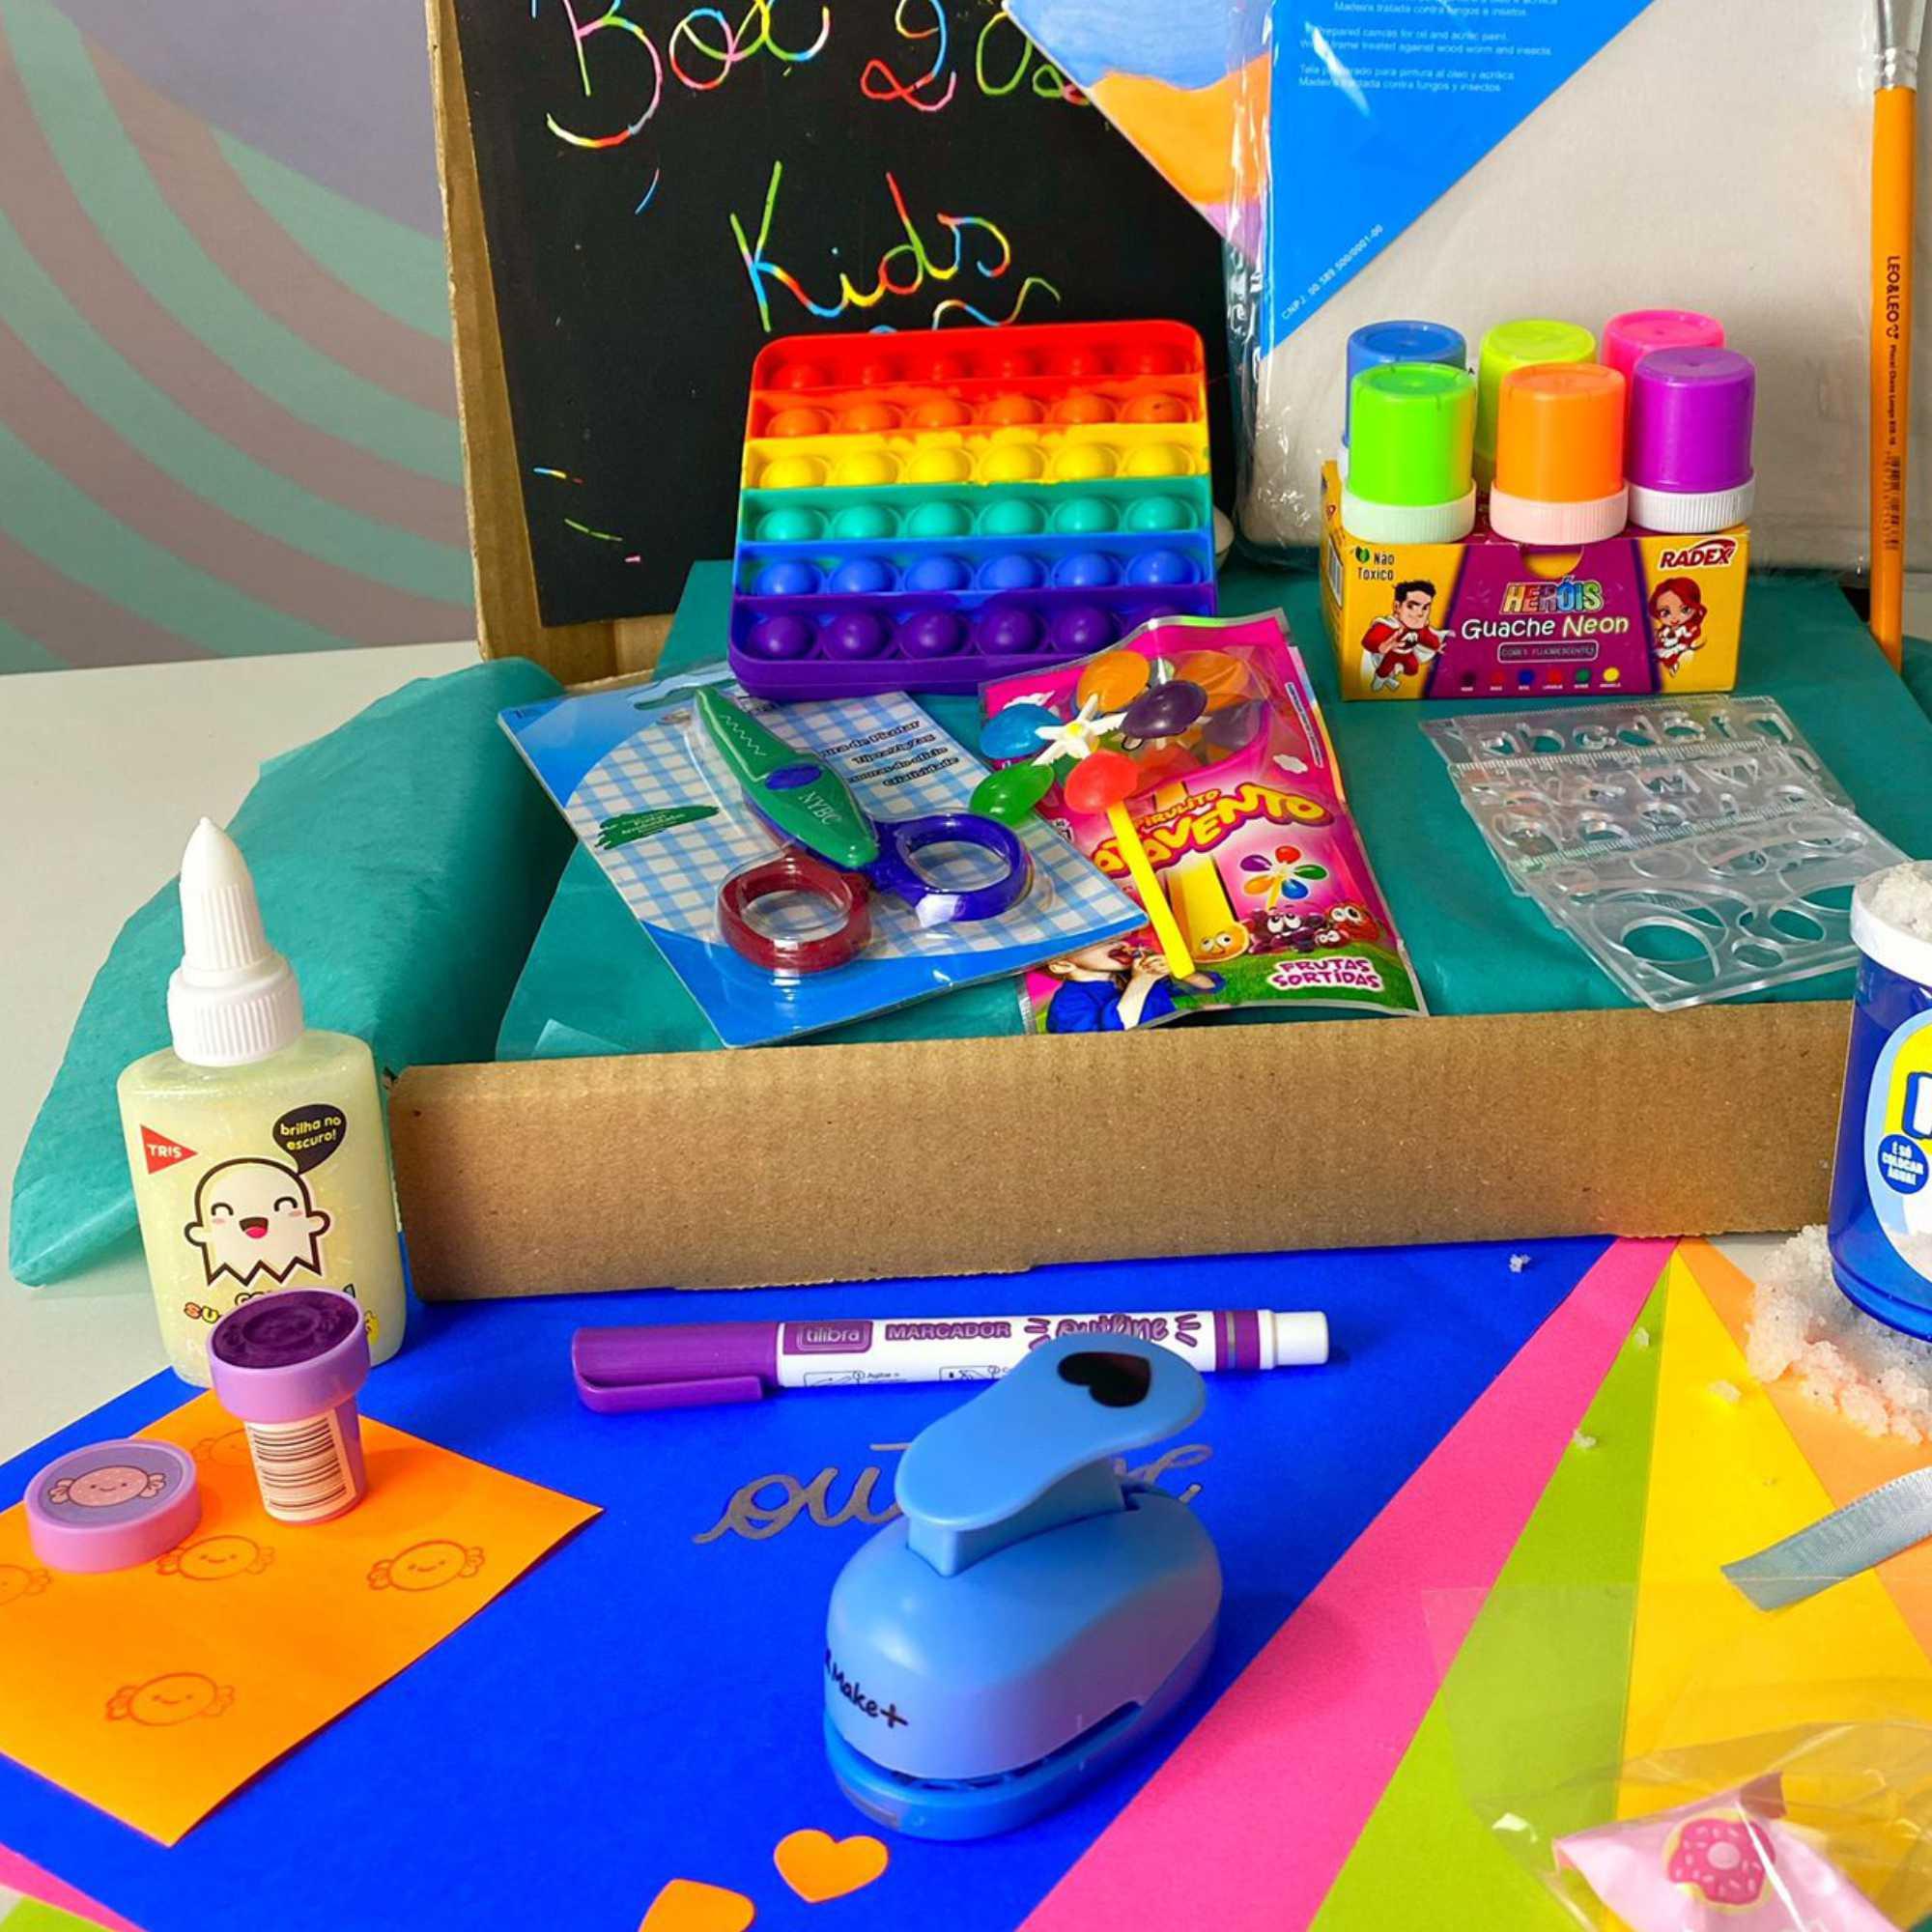 CAIXA BOX KIDS SUPER 2021 Caixa Surpresa Criativa Dia das Crianças | Judá